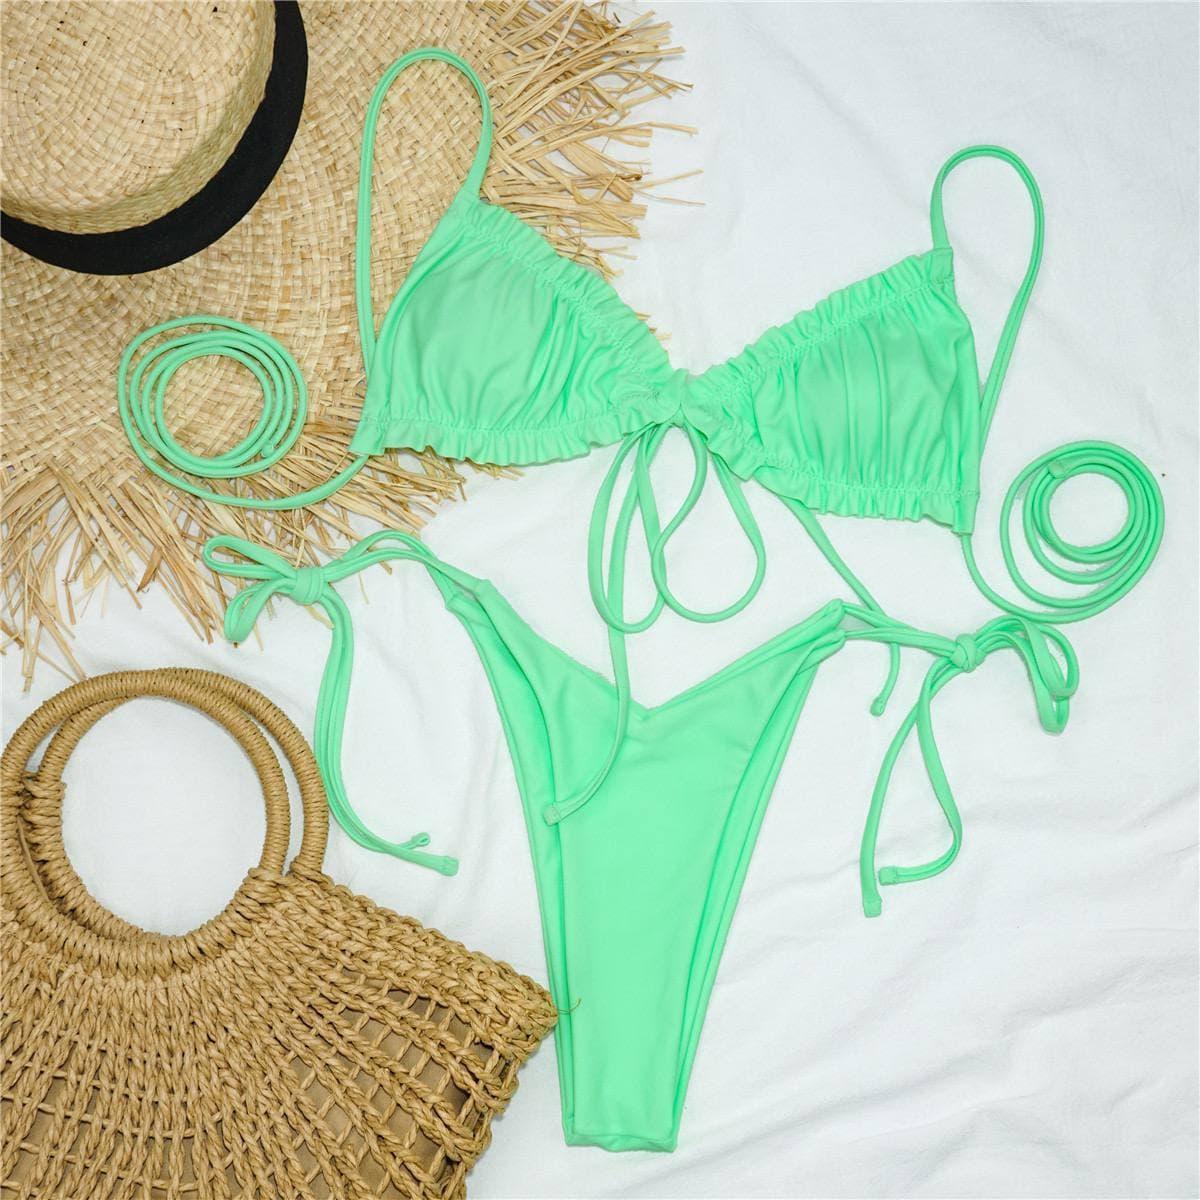 Женский салатовый раздельный купальник бикини на завязках Light green